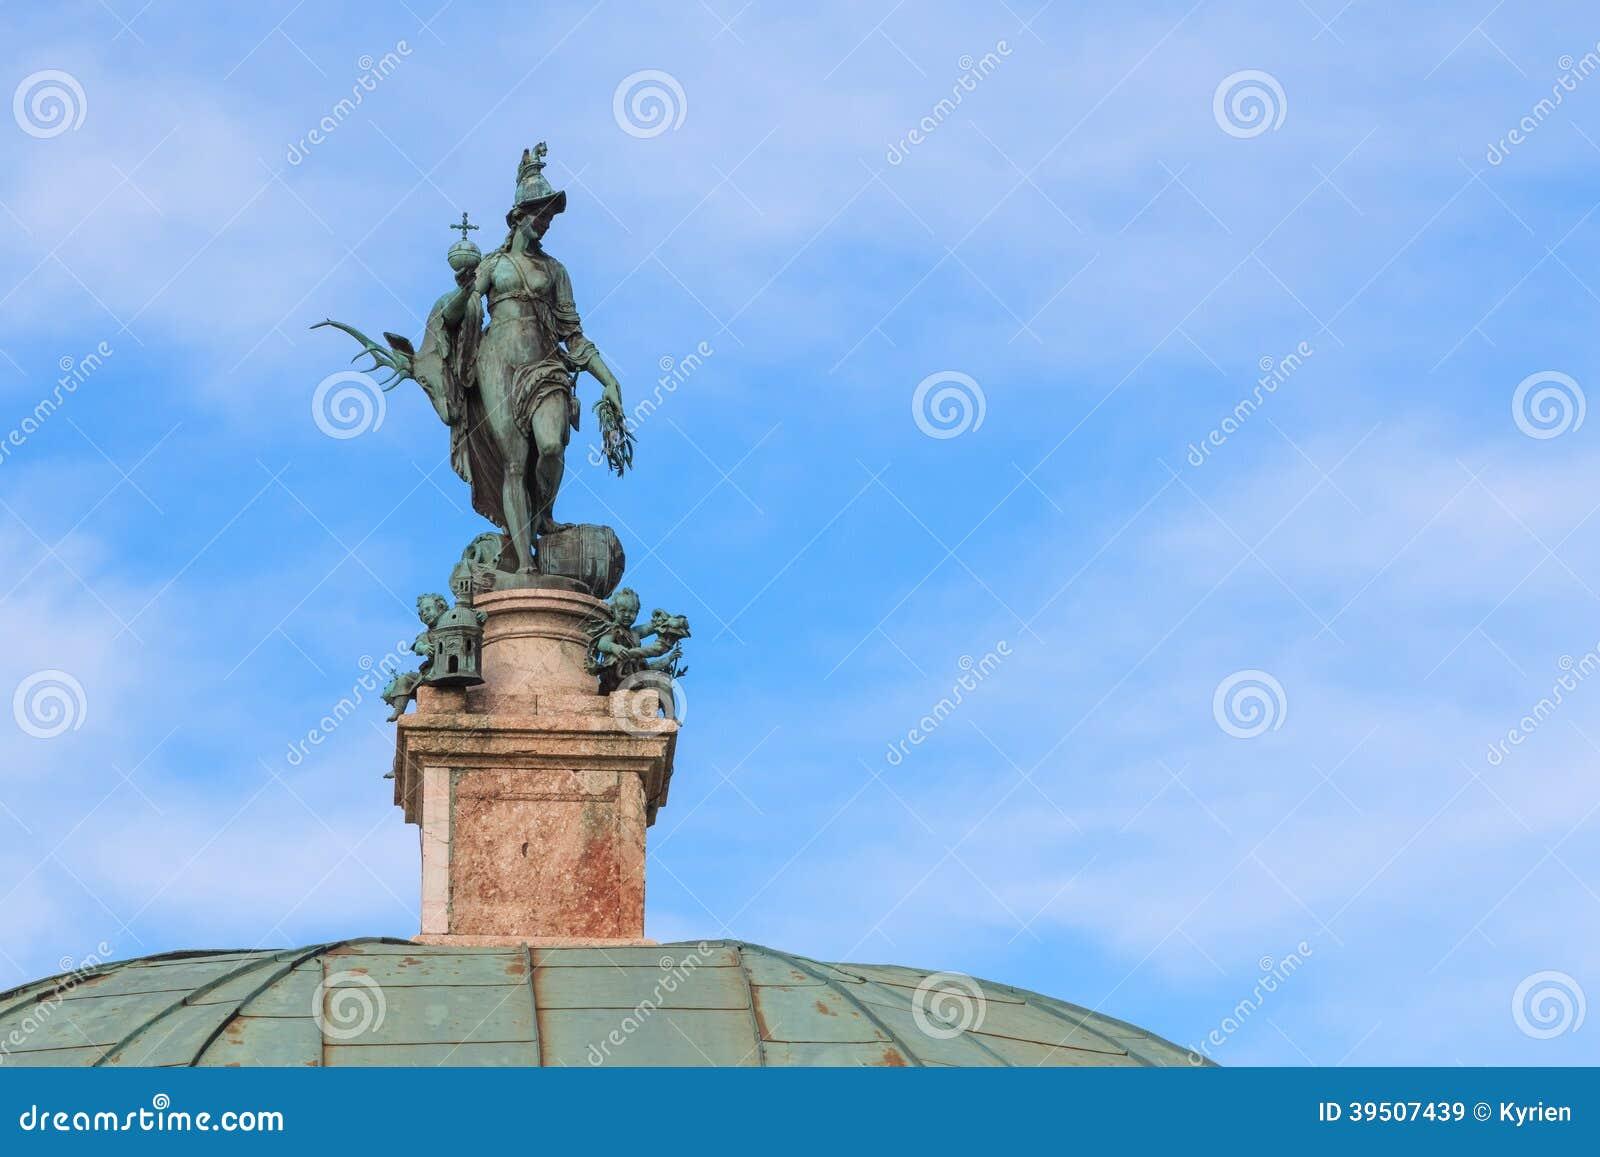 Statua della dea della caccia, Diana in Hofgarten, Monaco di Baviera